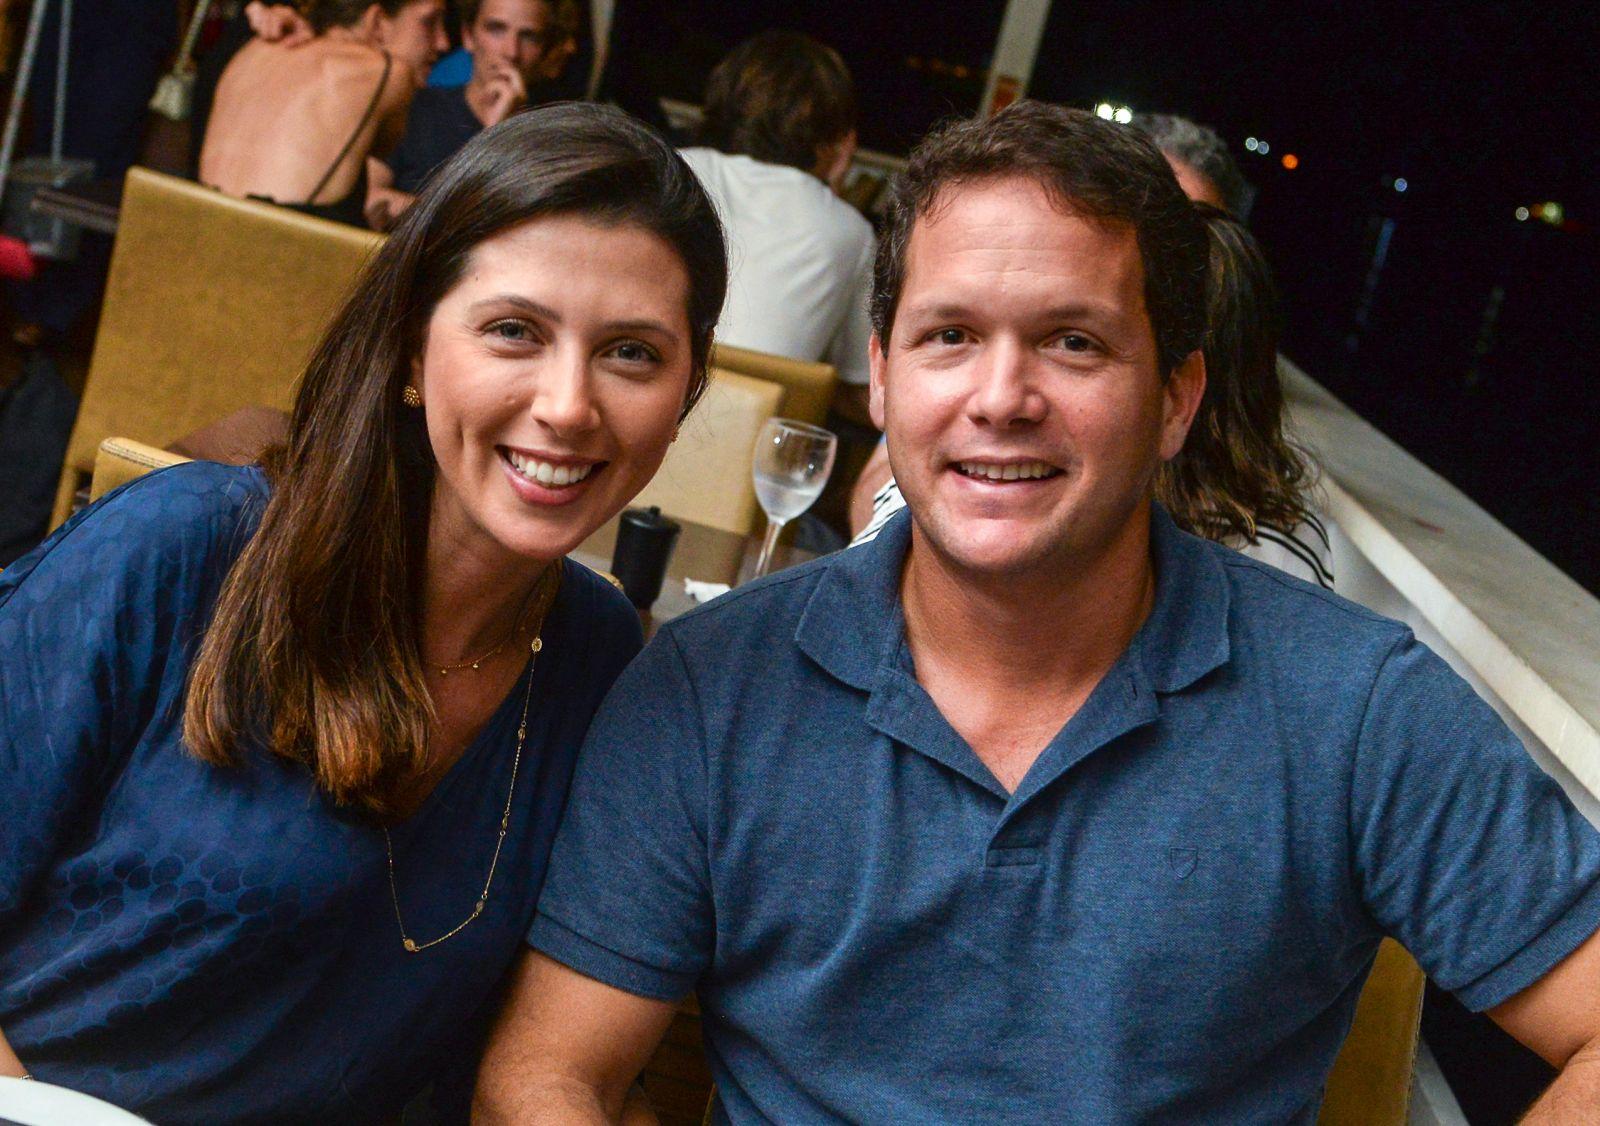 Os oftalmologistas Mirian Minani e Flávio Vaz, jantando no no Soho em fotos de Valterio Pacheco